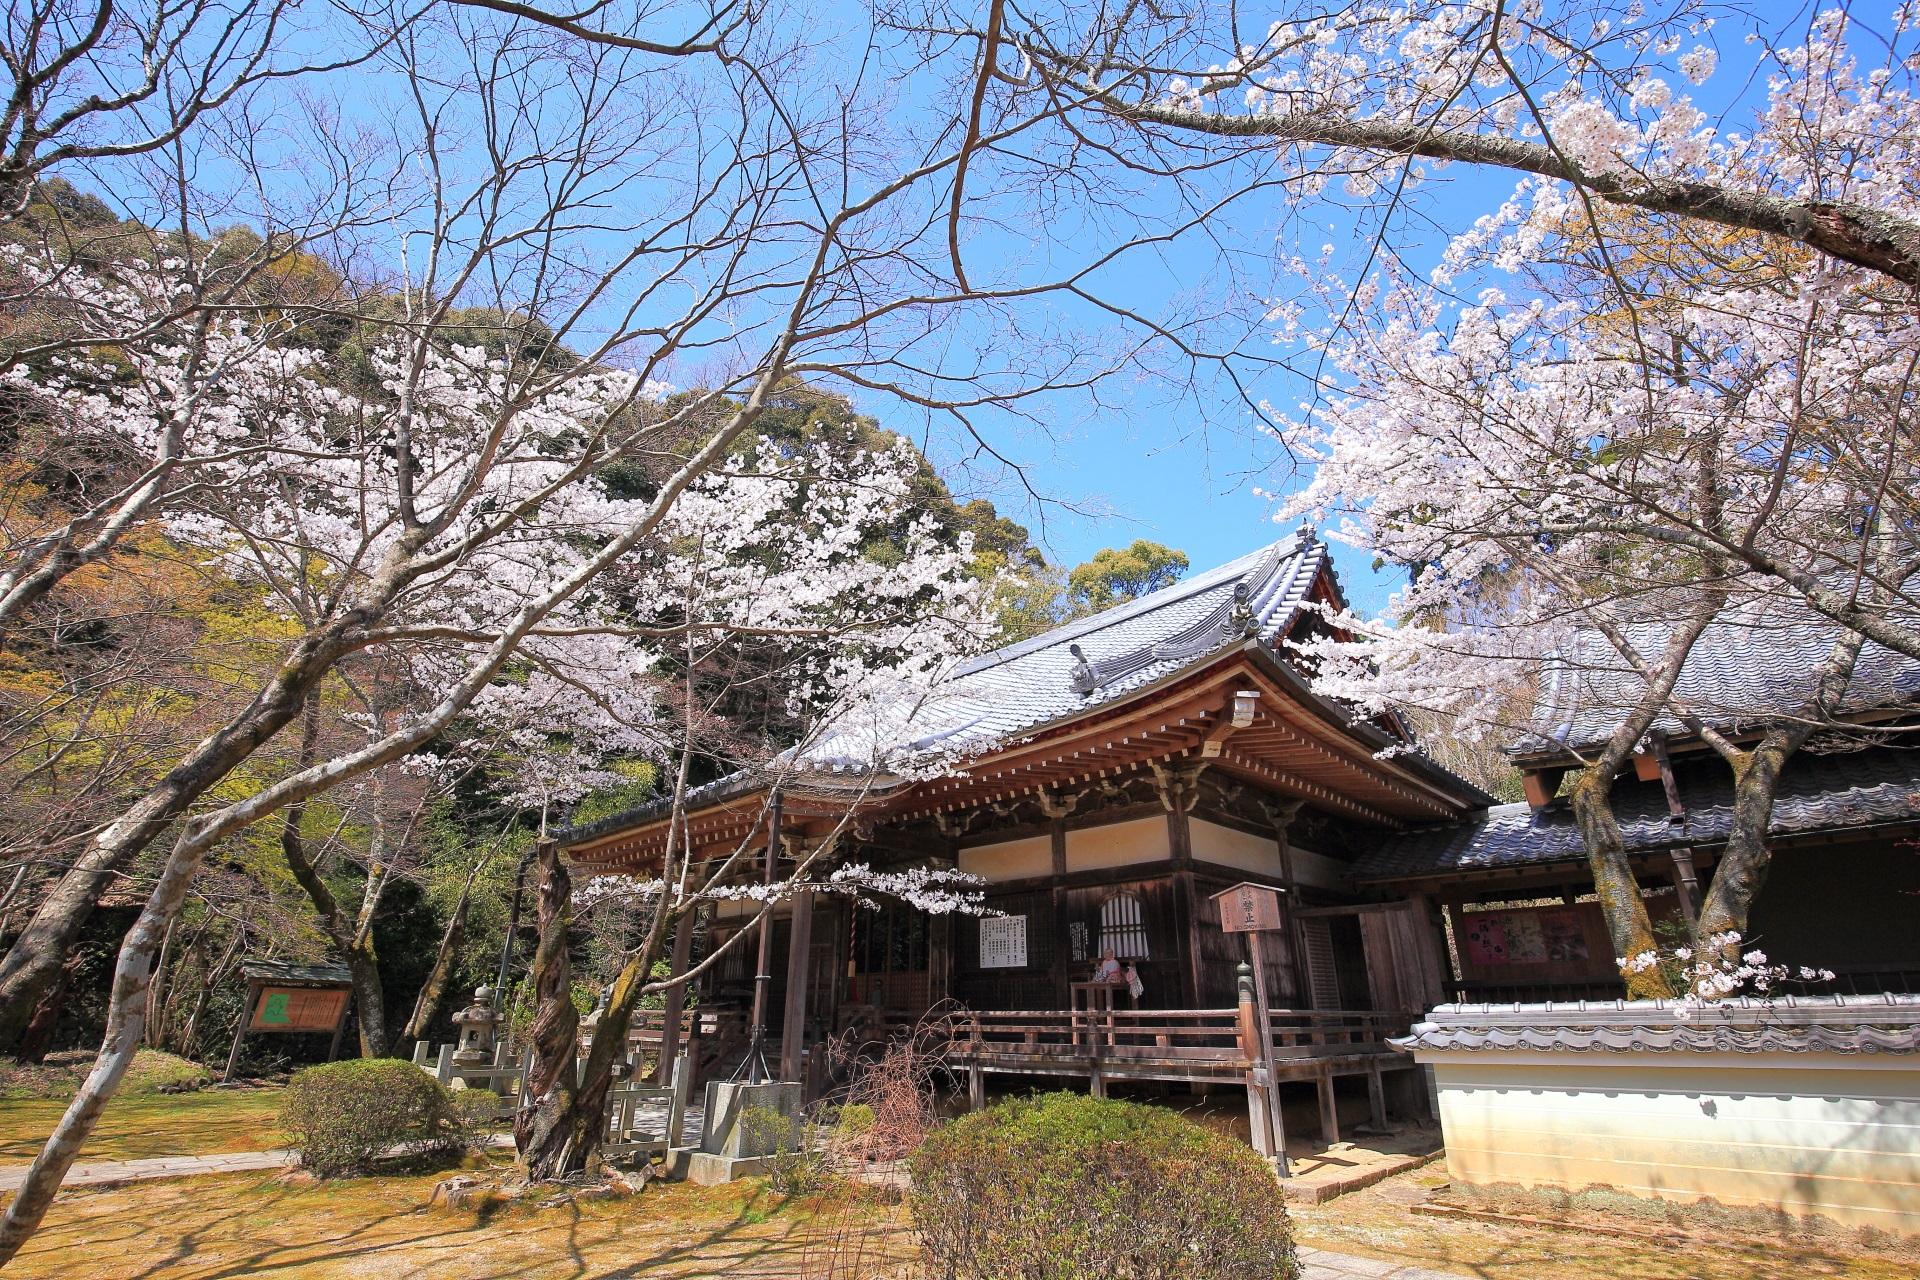 勝持寺の阿弥陀堂と瑠璃光堂前の桜